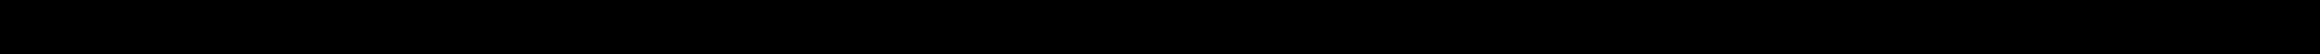 TESLA 1354836, 072601024131, N072601024131, 0014600, 014600 Kvēlspuldze, Numura apgaismojuma lukturis